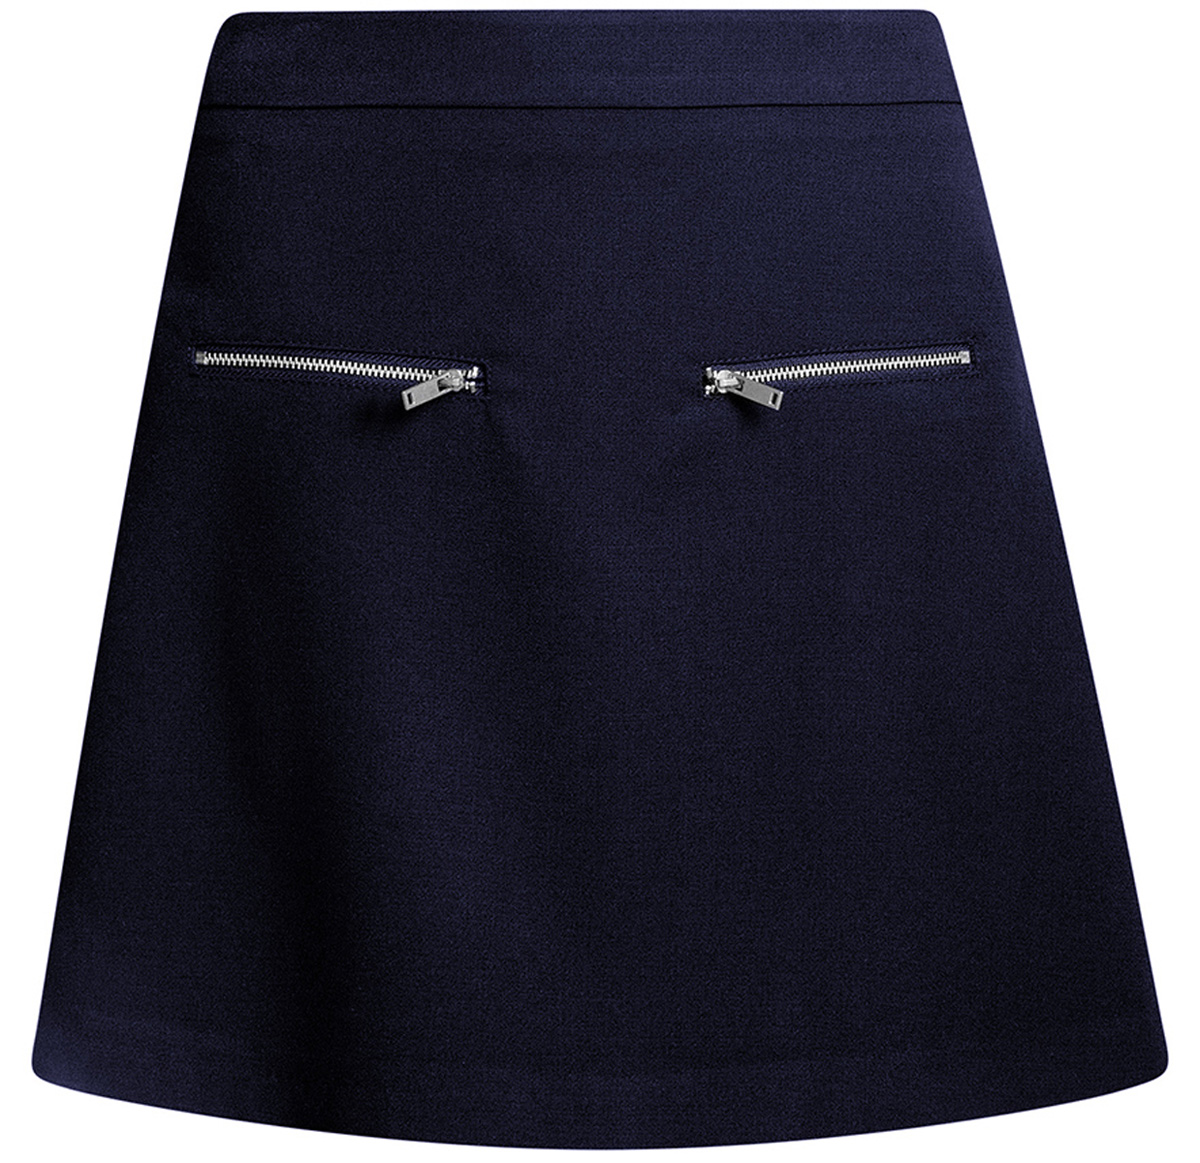 Юбка oodji Ultra, цвет: темно-синий. 11600436/31291/7900N. Размер 34-170 (40-170)11600436/31291/7900NСтильная мини--юбка в форме трапеции выполнена из высококачественного материала. Спереди модель декорирована металлическими молниями. Сзади юбка застегивается на потайную застежку-молнию.